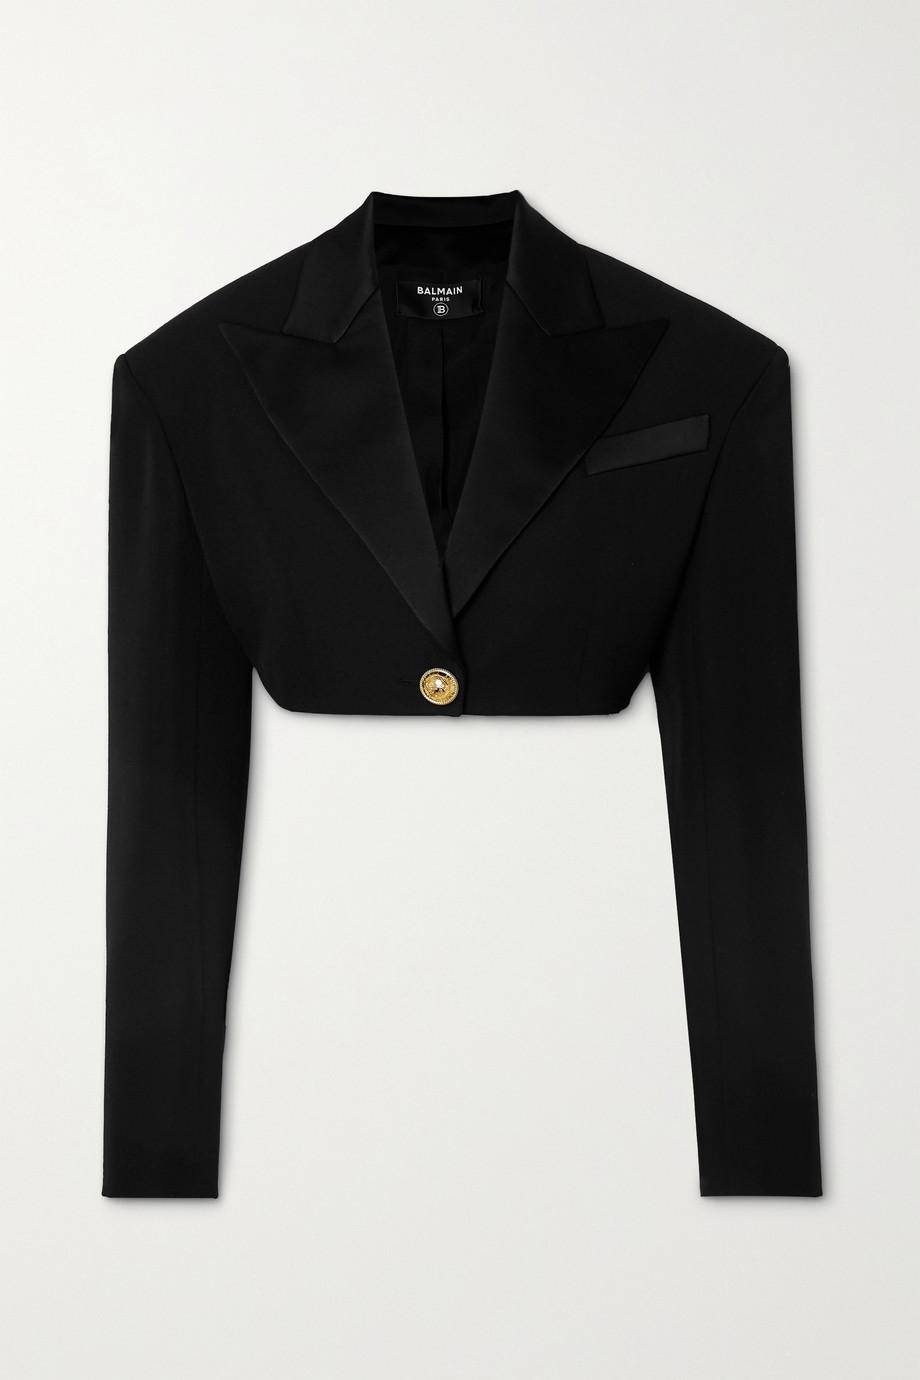 Balmain 缎布边饰粒纹羊毛短款外套